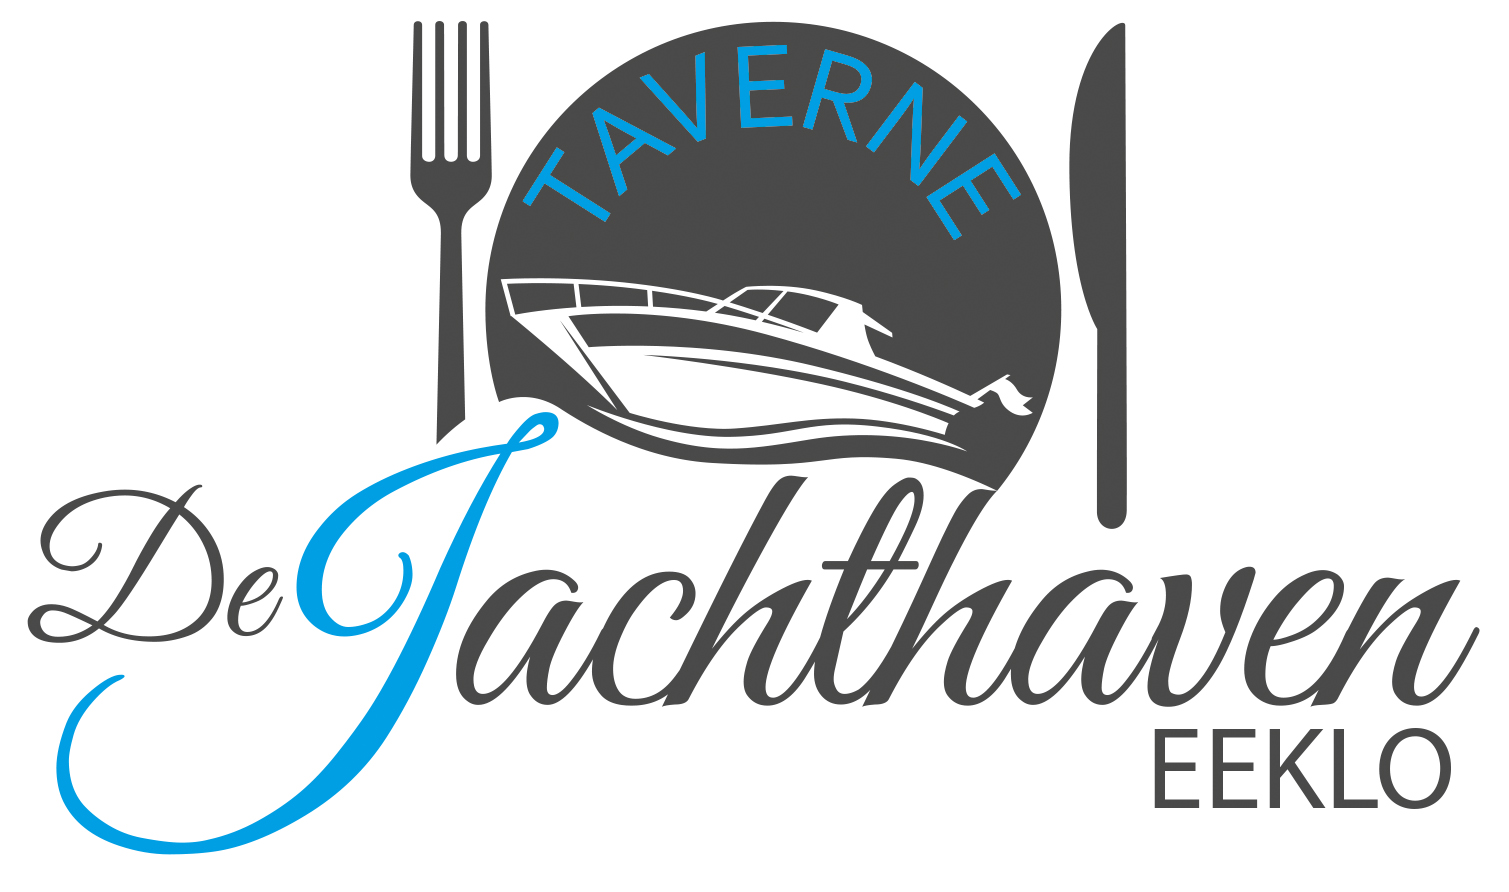 Taverne Jachthaven Eeklo